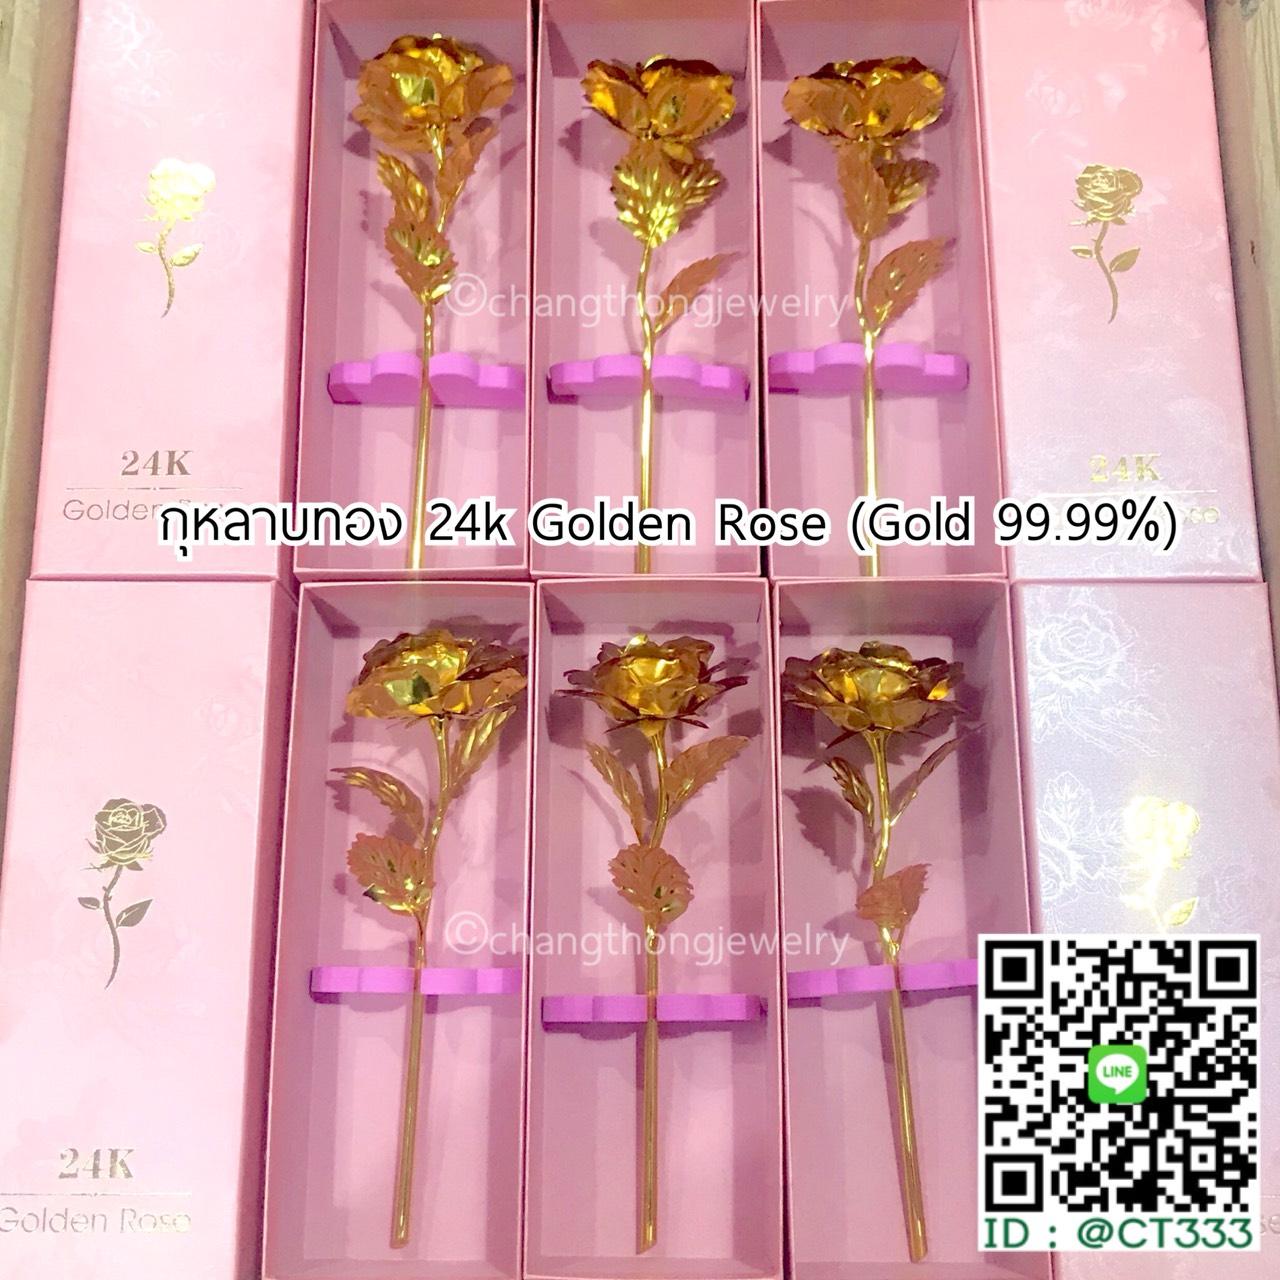 กุหลาบทอง24k Golden Rose (gold 99.99%) กล่องสีชมพู